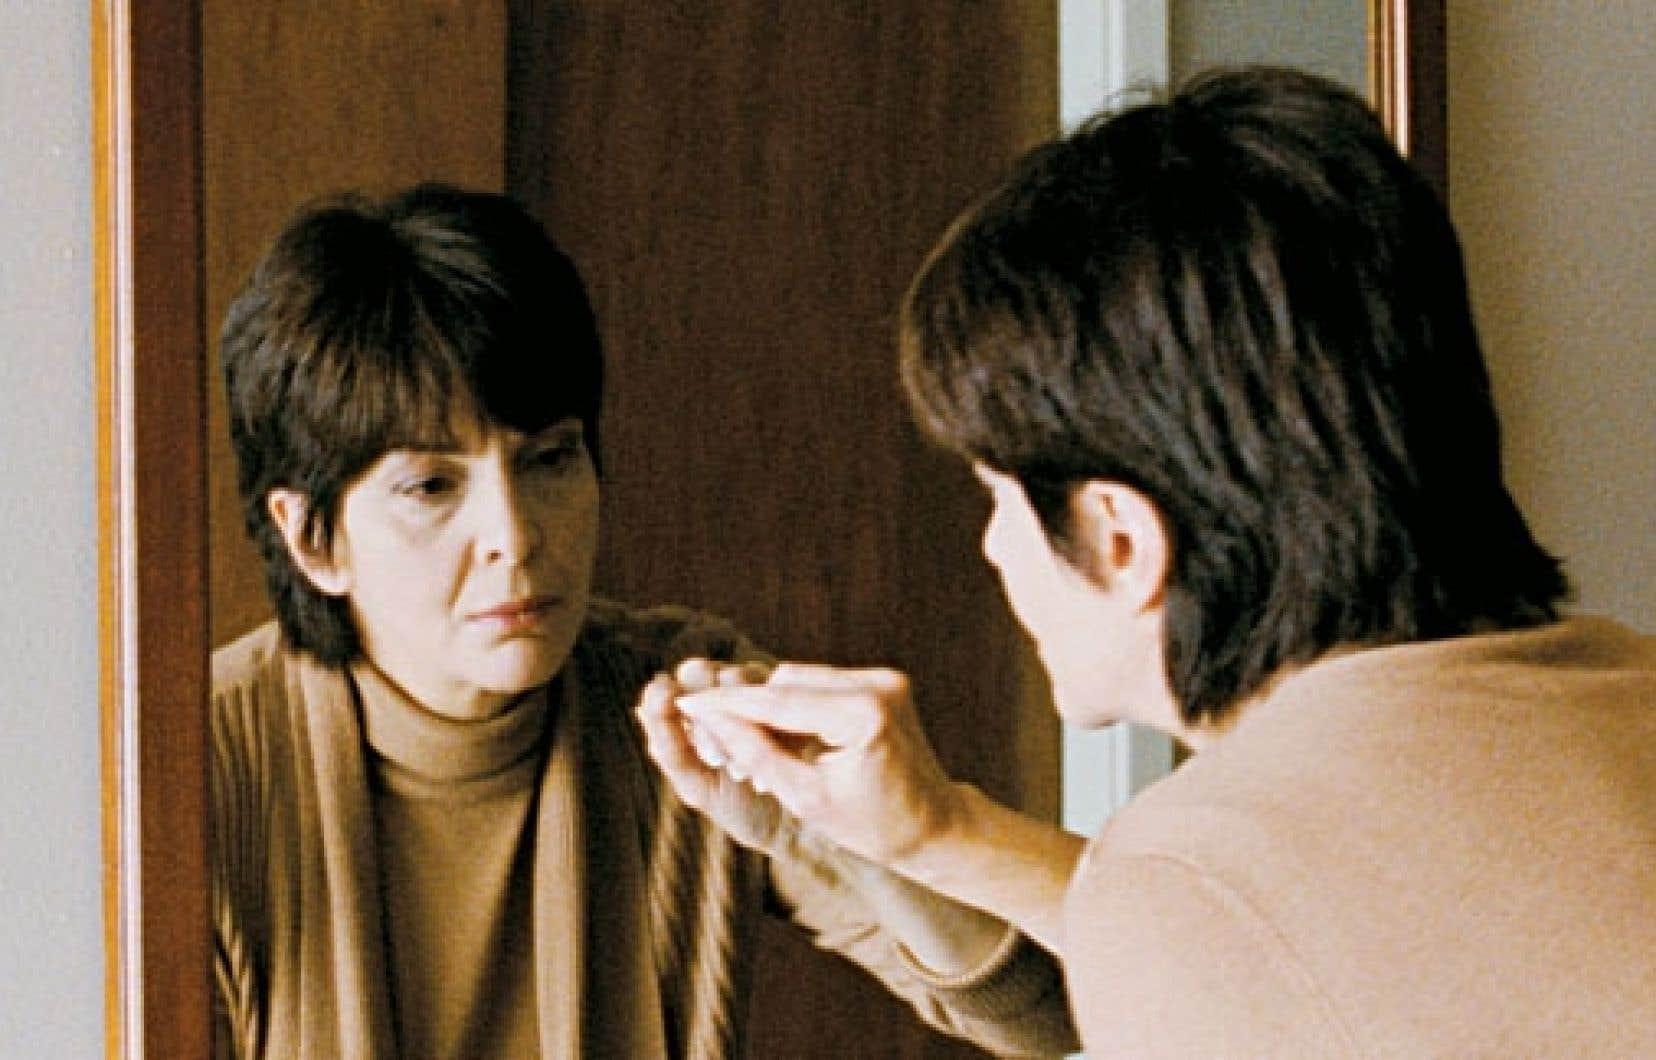 Simon Galiero raconte ici l'histoire du renoncement et de la reconquête de soi de Denise, une dame mûre campée par l'excellente Micheline Bernard.